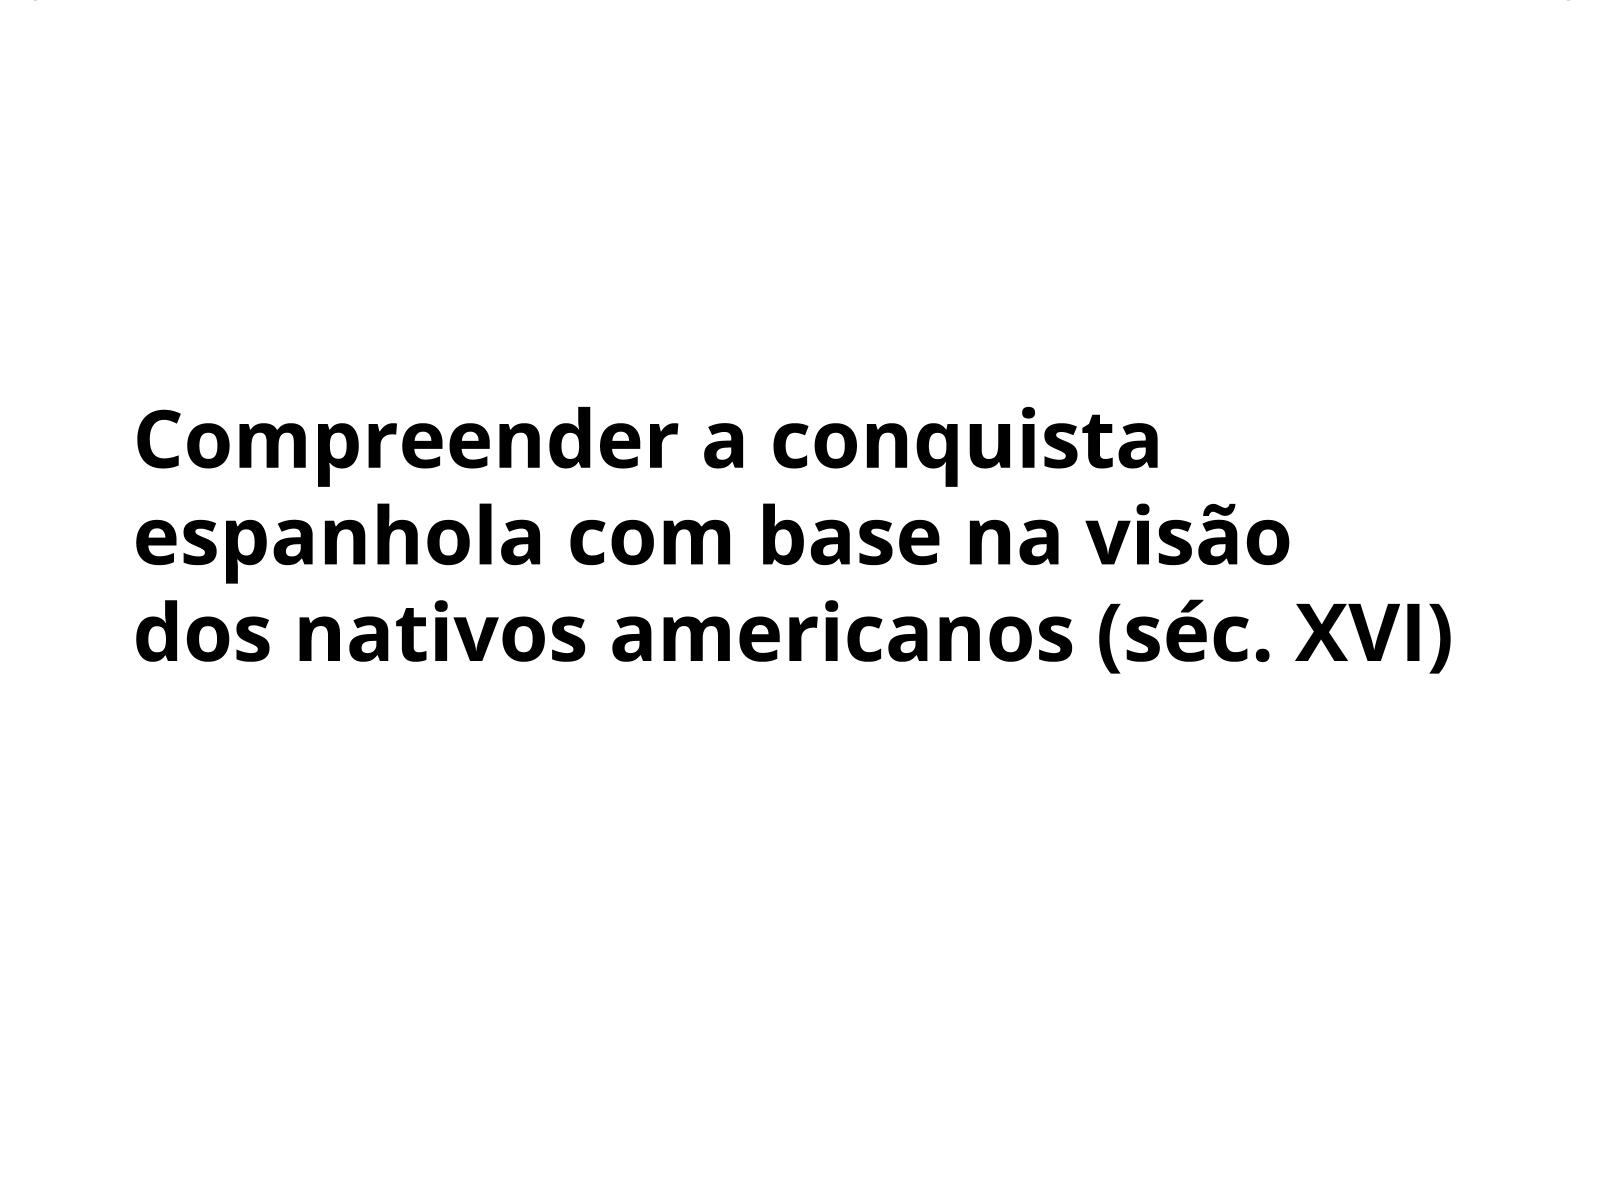 A visão da conquista espanhola pelo olhar dos ameríndios.